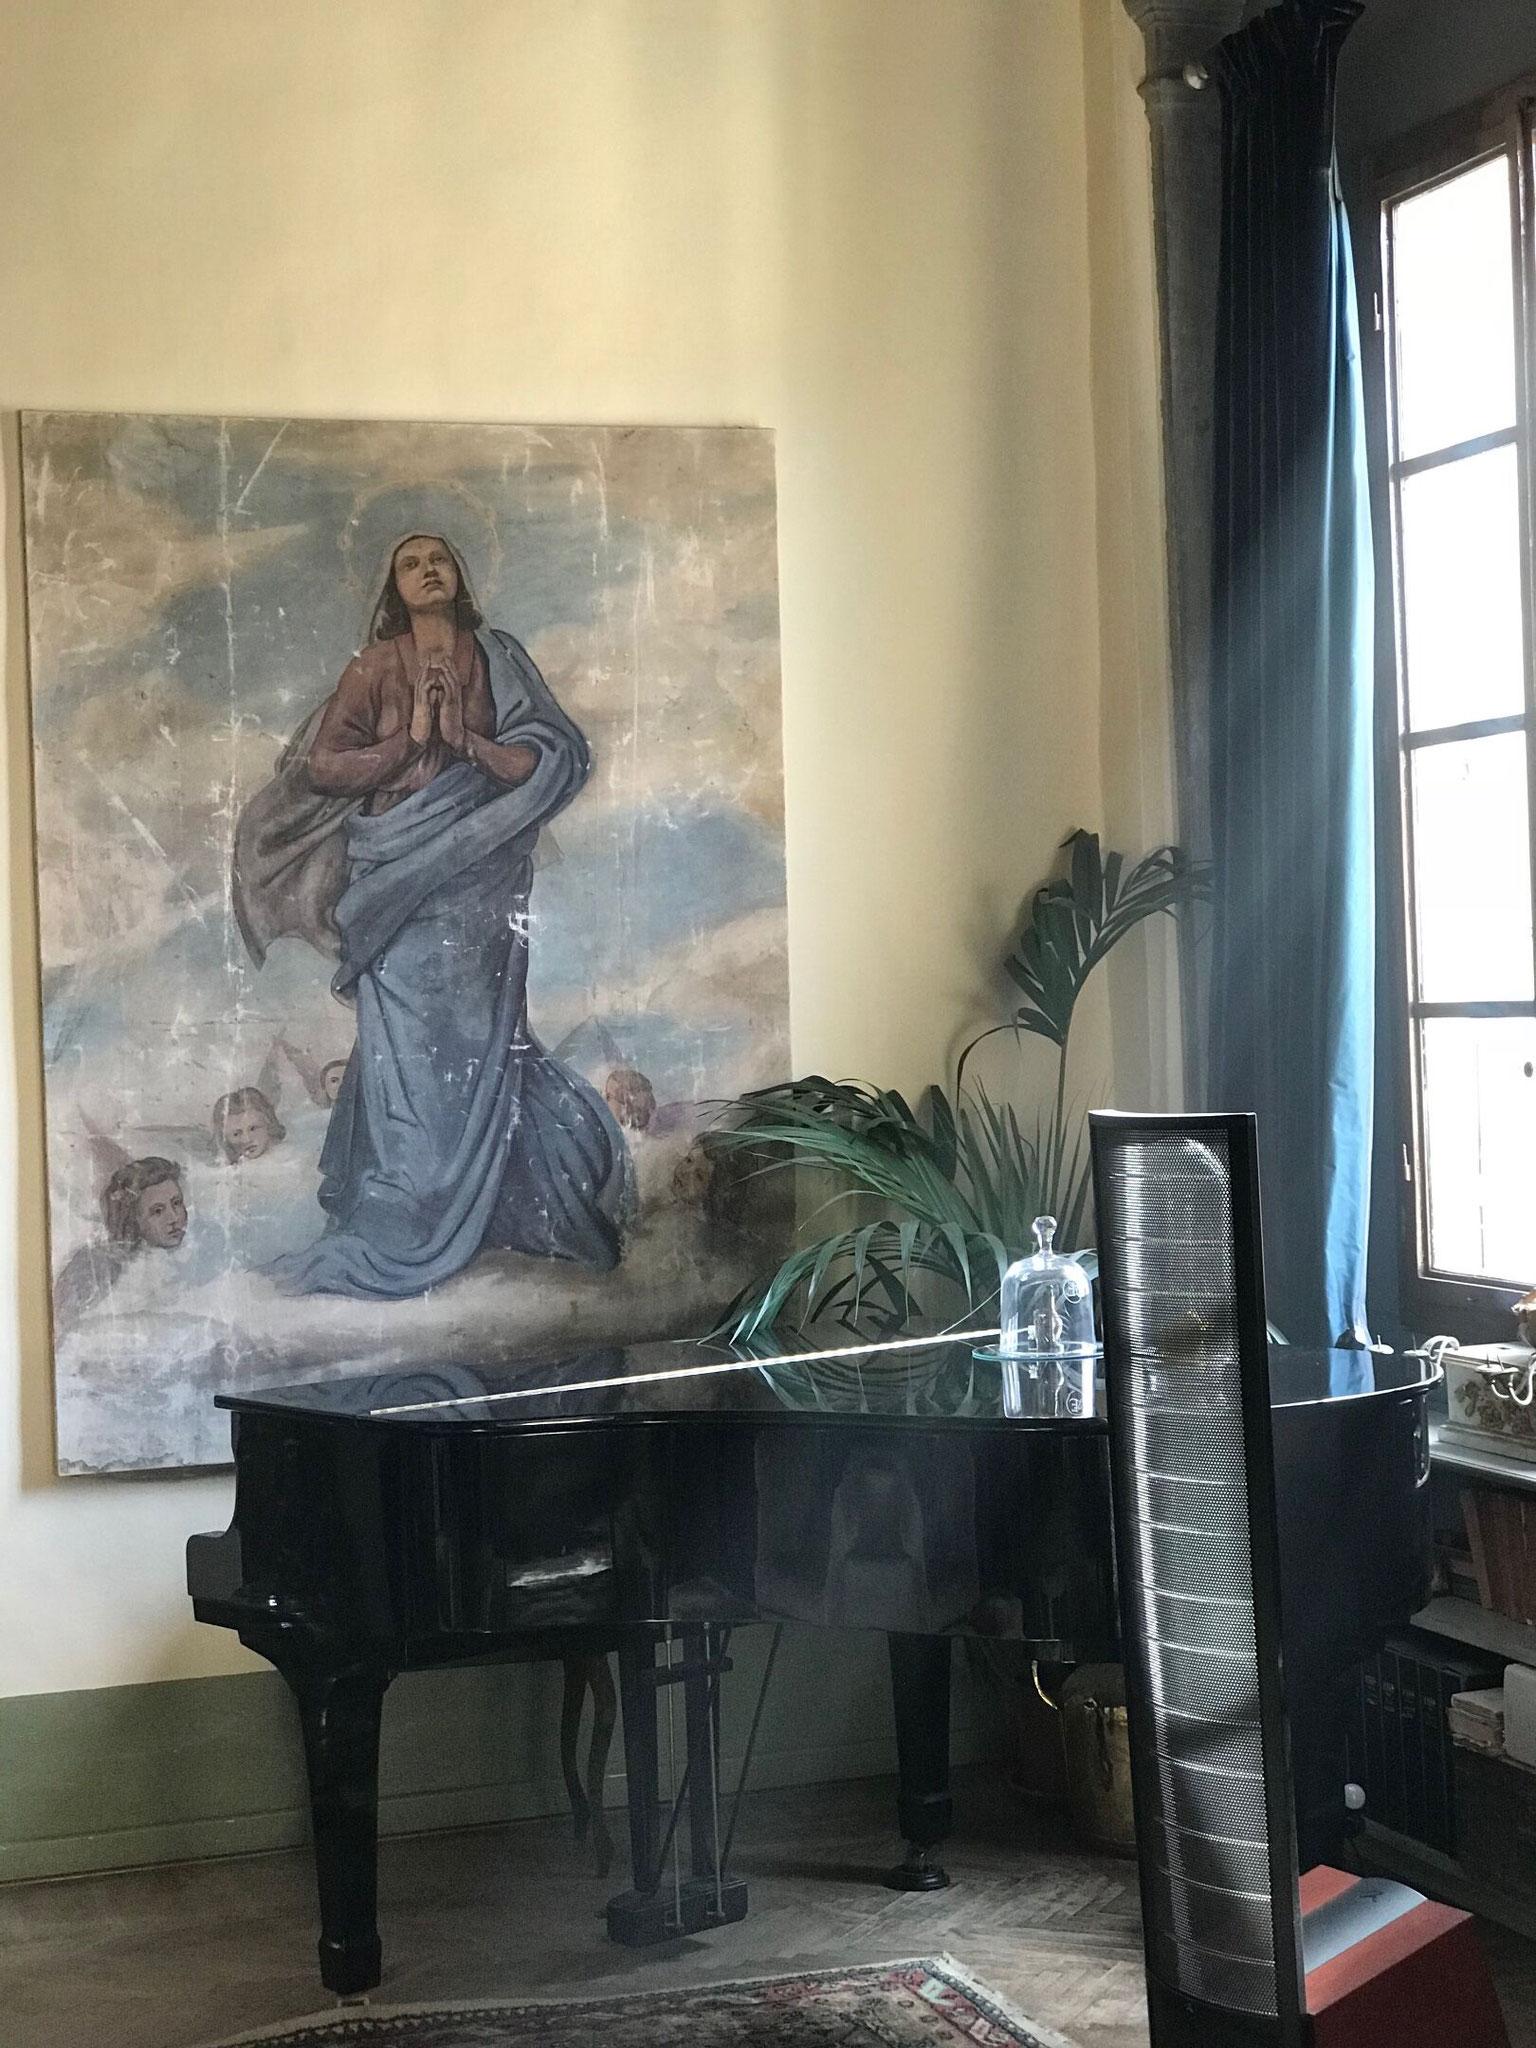 ルネッサンス期のような部屋